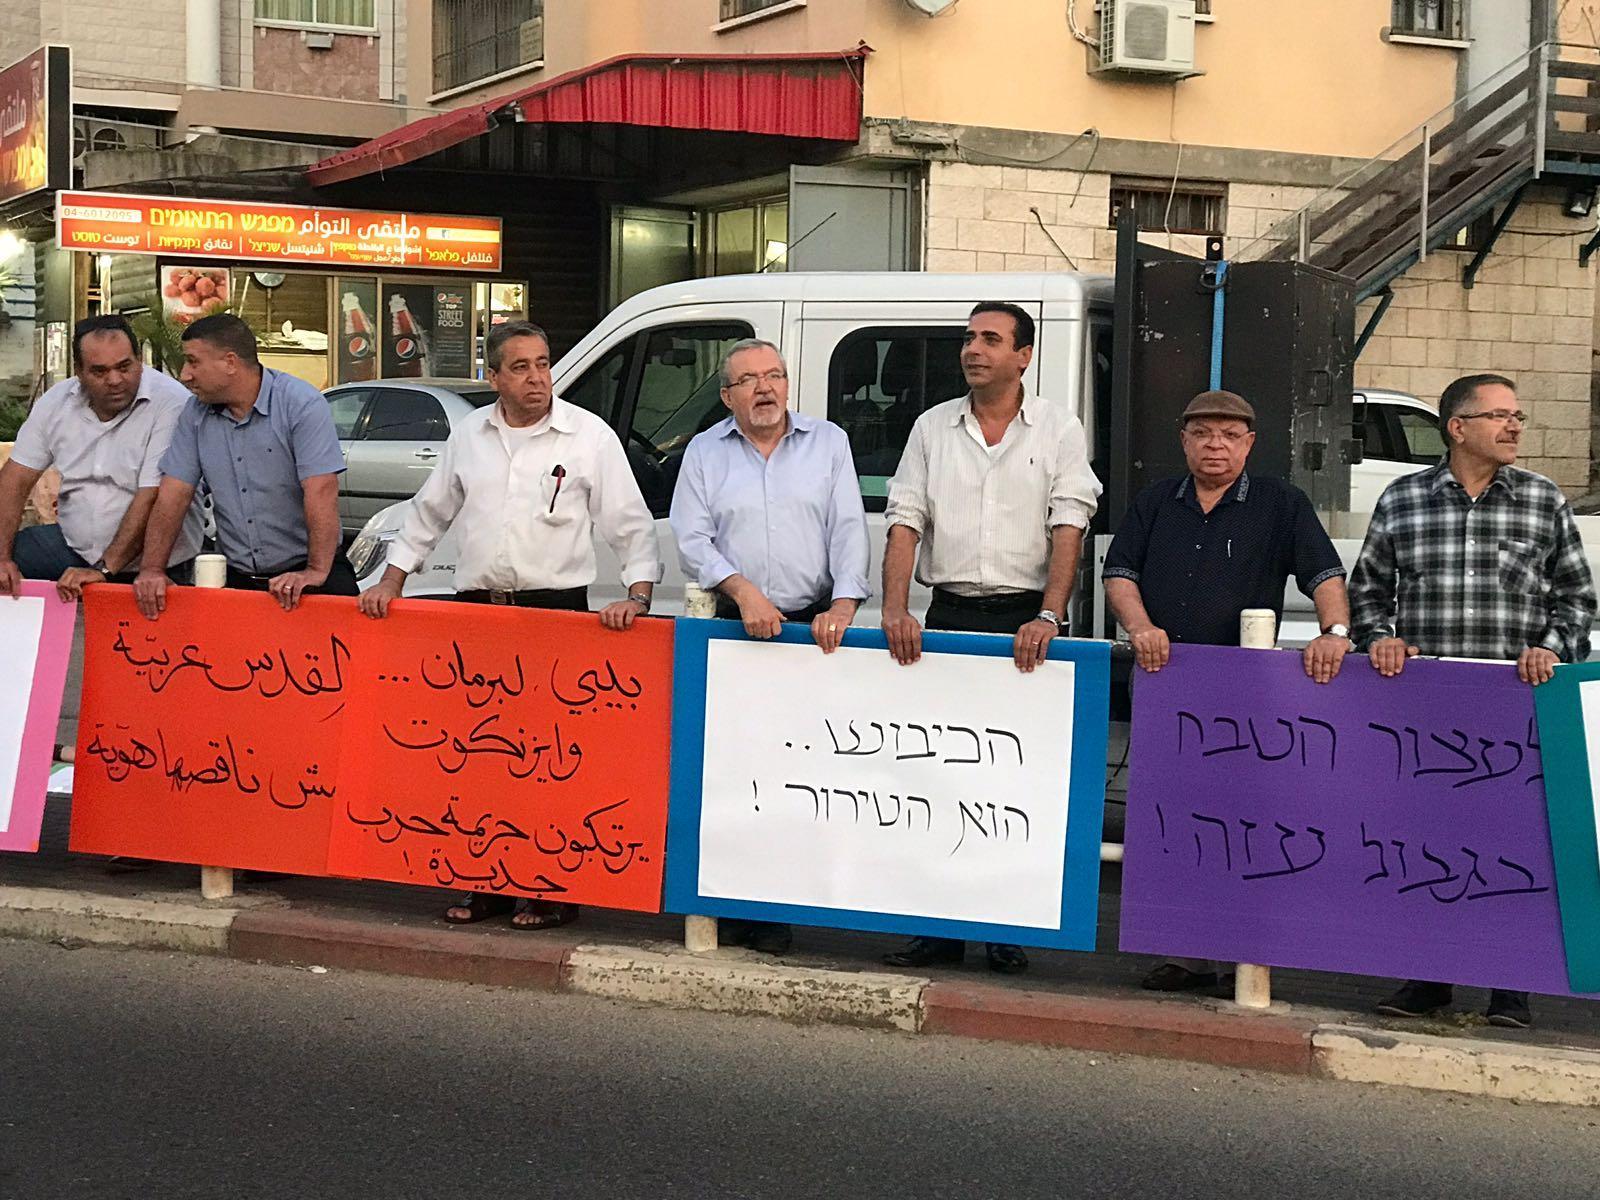 مظاهراتُ غضبٍ في الداخل مُندّدة بجرائم الاحتلال في غزة